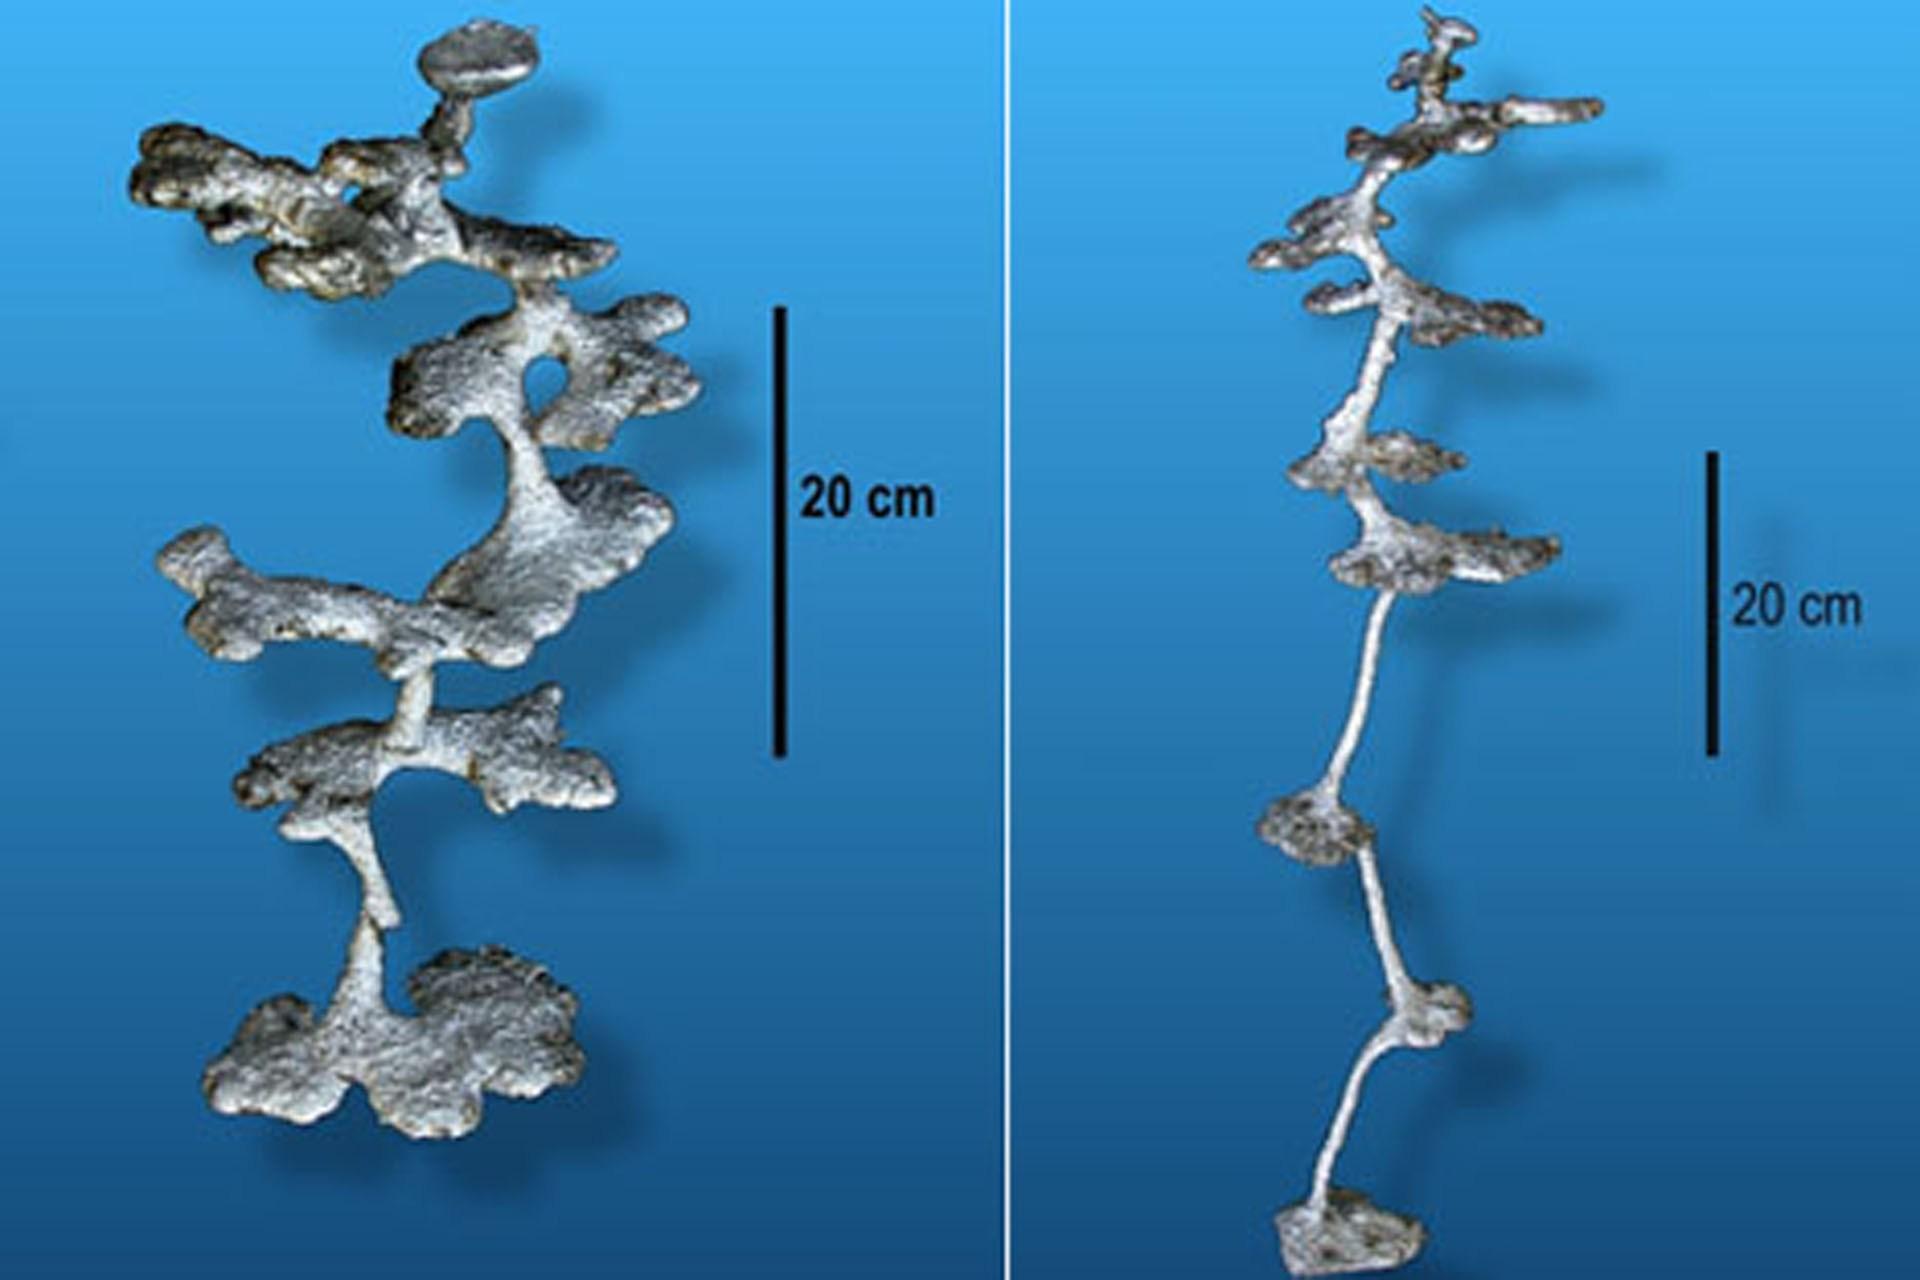 بررسی فرم لانه سازی موریانه ها - Evaluation form of termite nest